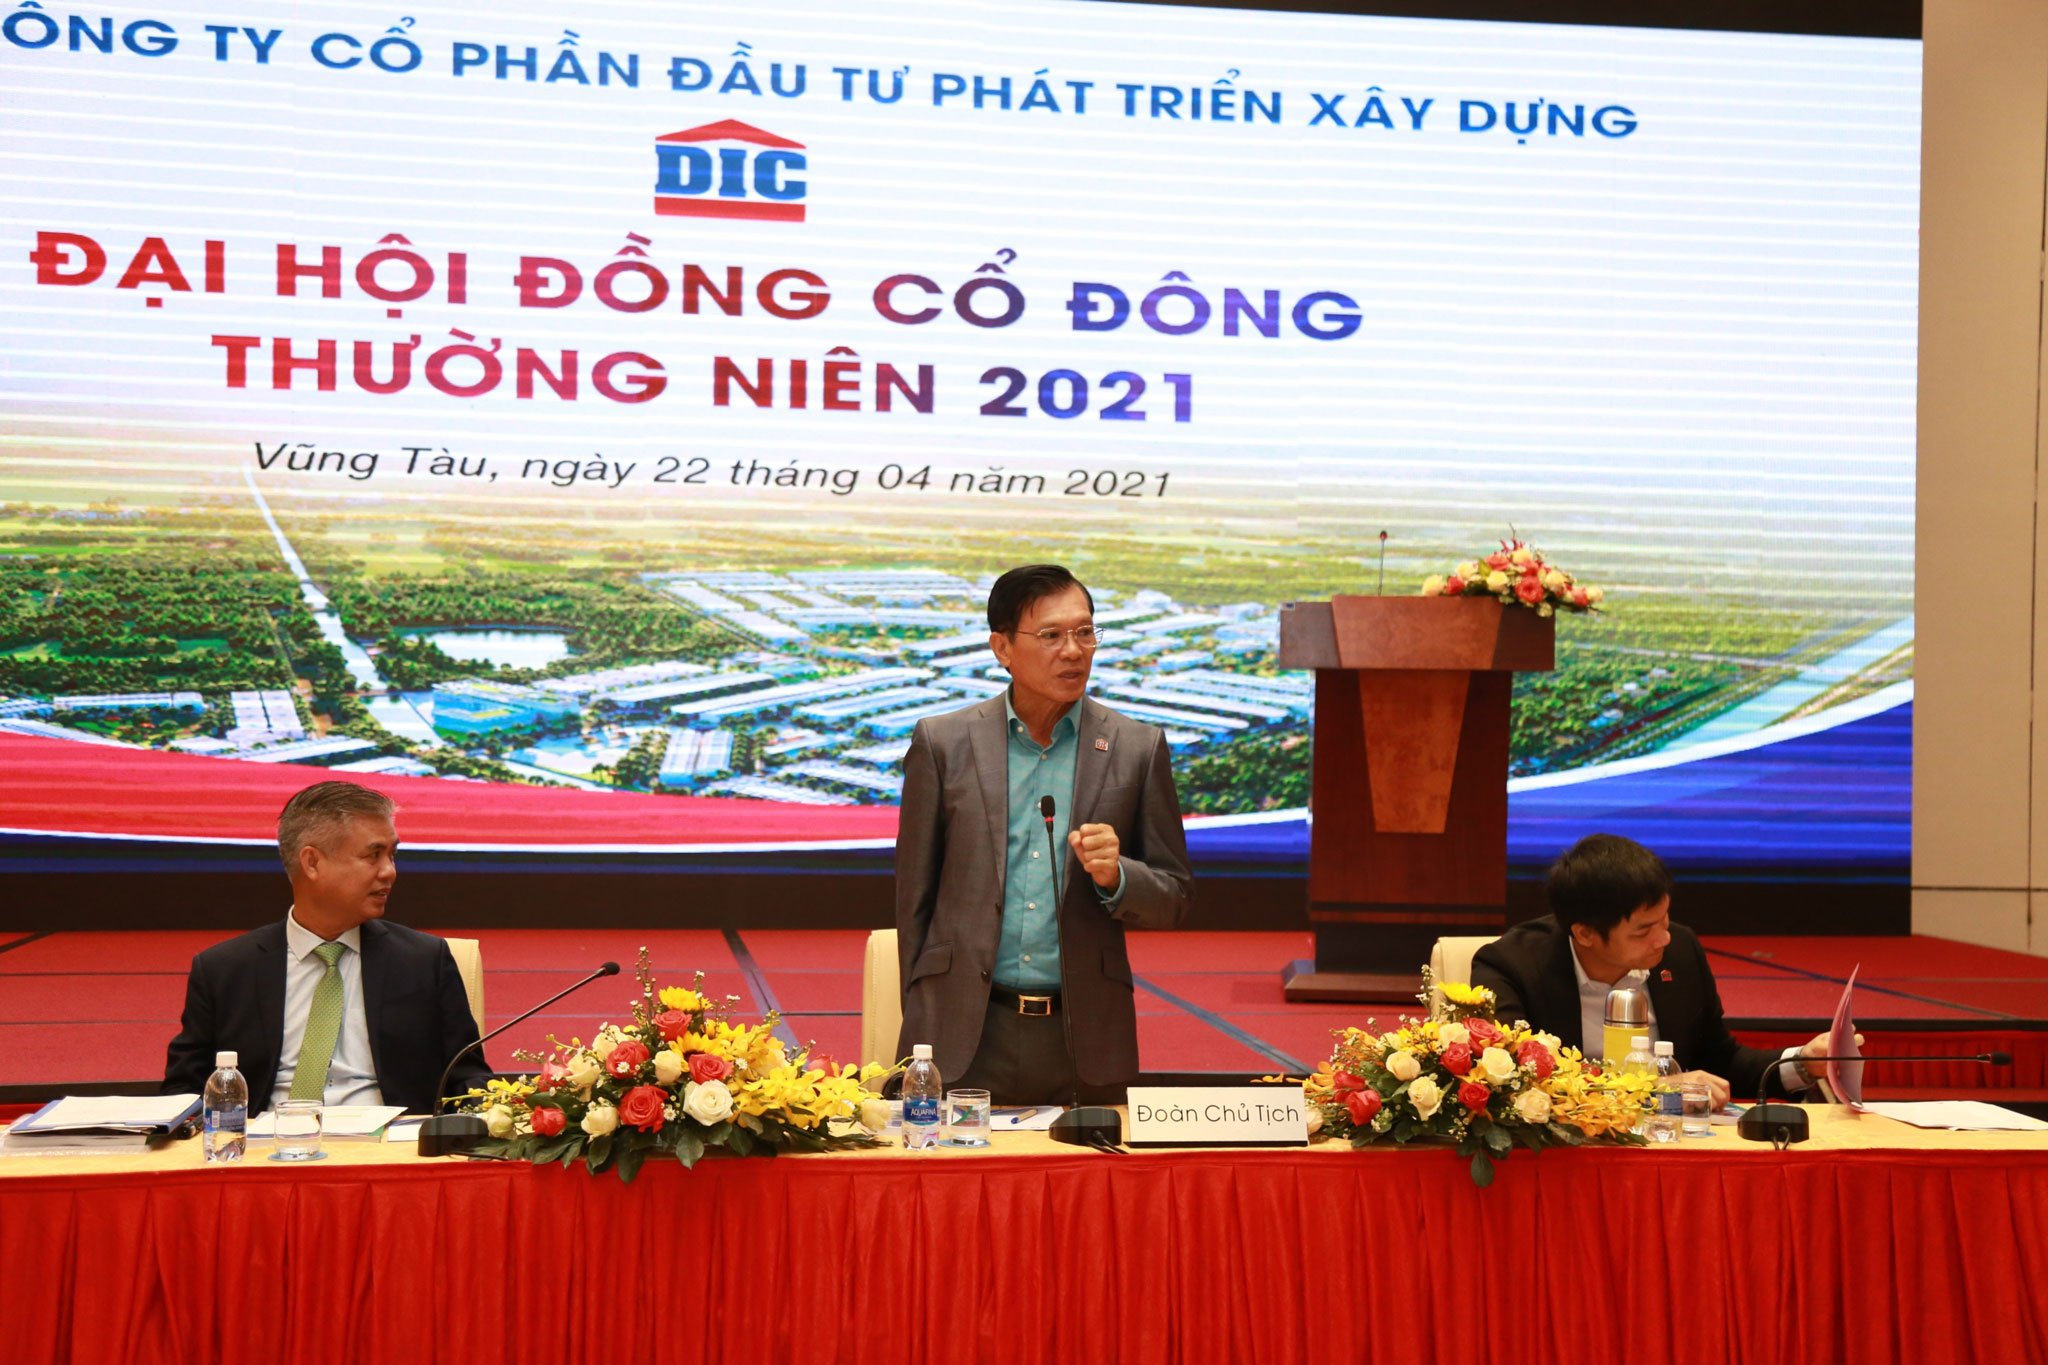 Tập đoàn DIC đặt kế hoạch lợi nhuận tăng 60,6% lên 1.444 tỷ đồng năm 2021